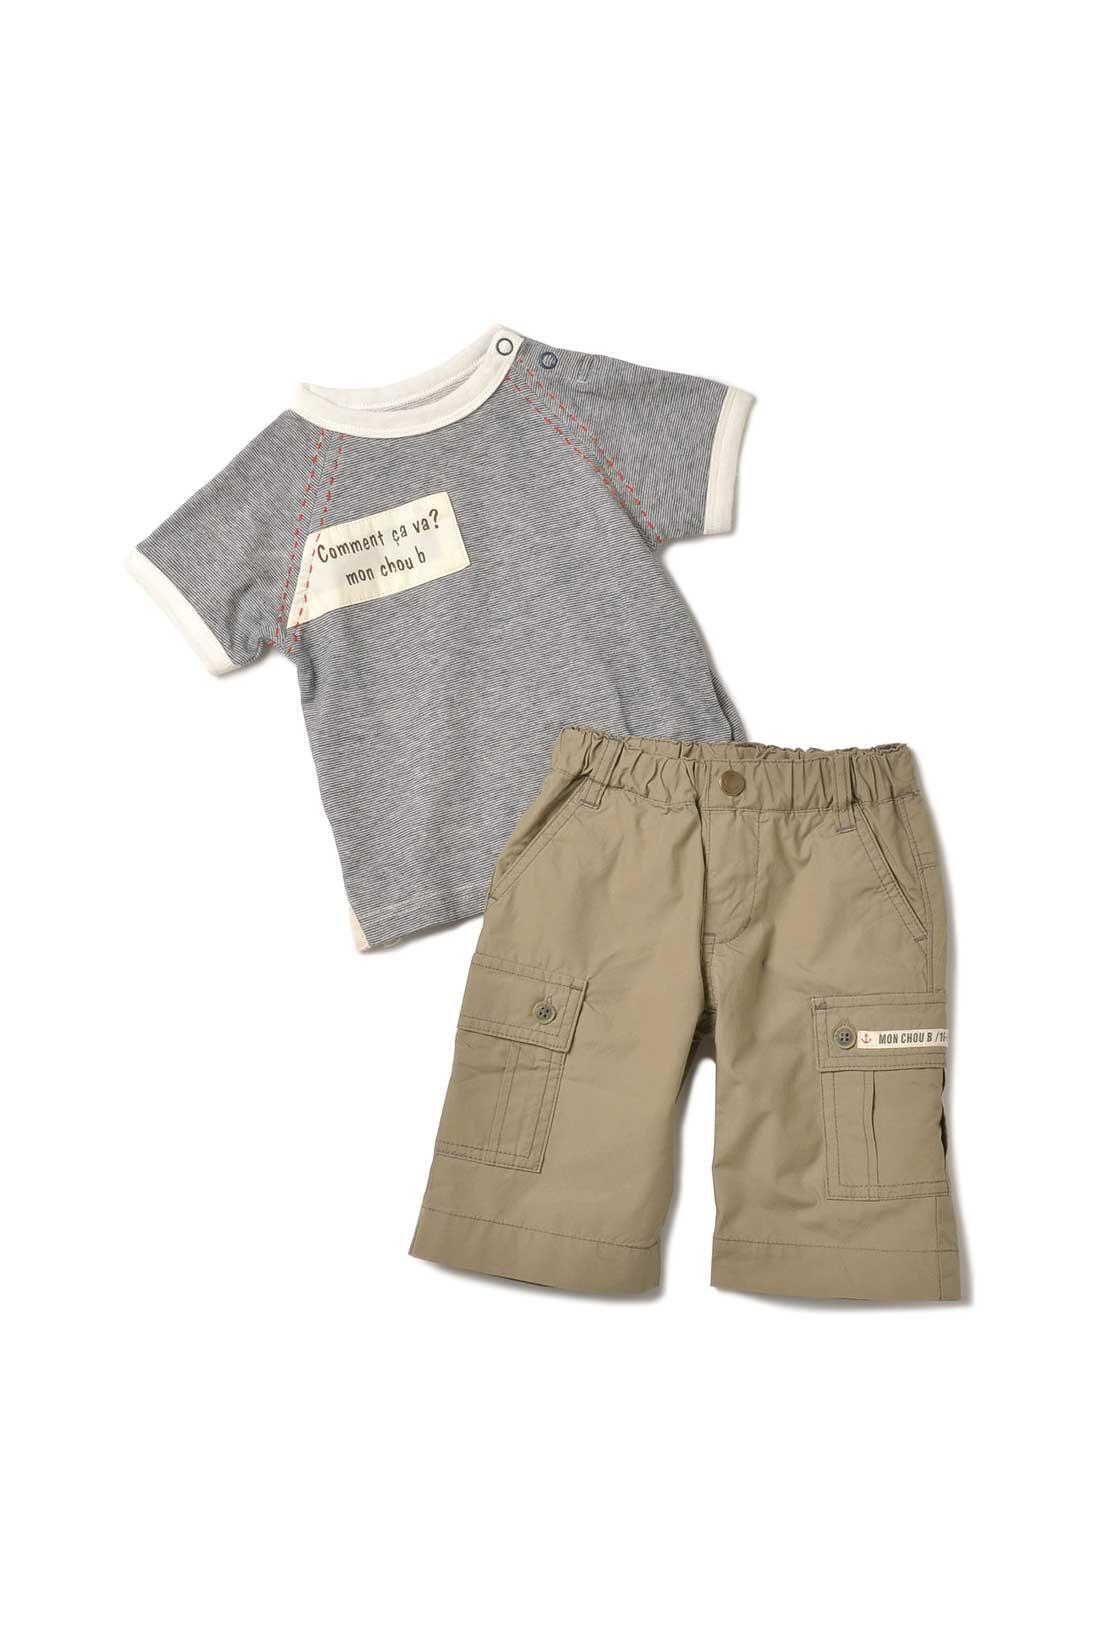 スタイリシュなロゴなどをあしらったトップスに、着まわしやすいパンツをセット。